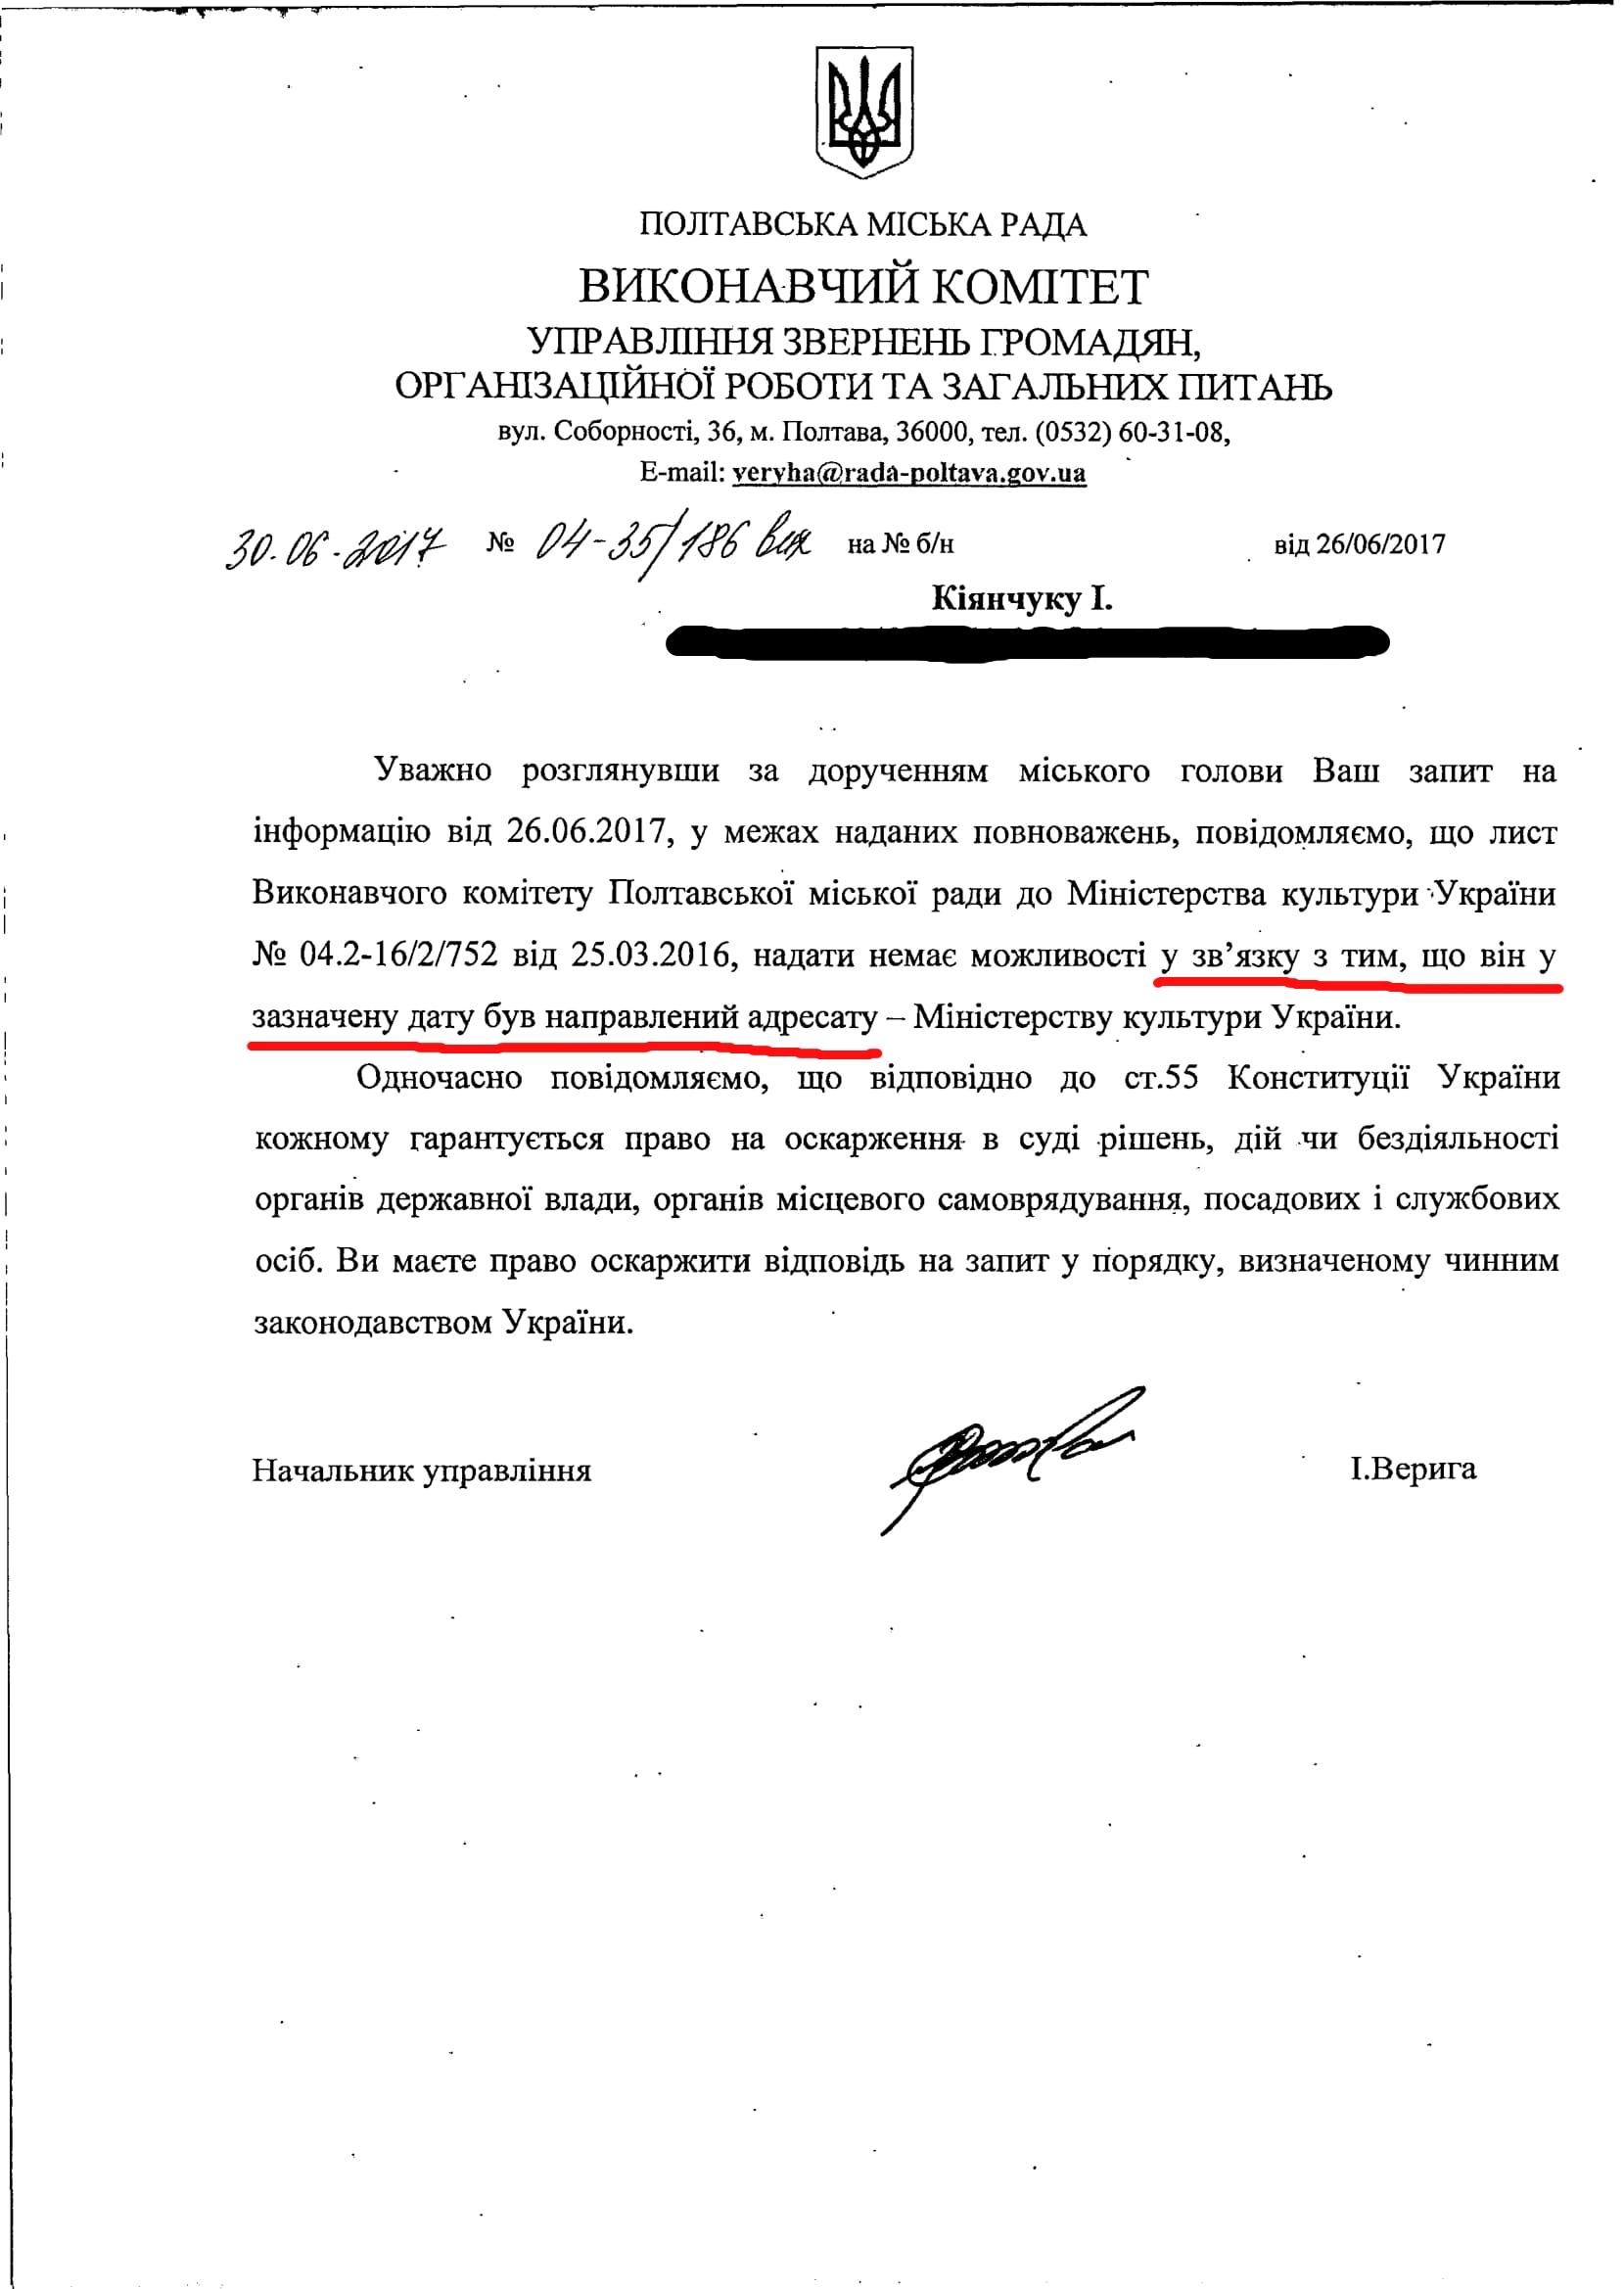 Відповідь Полтавського міськвиконкому на запит що до доступу до публічної інформації